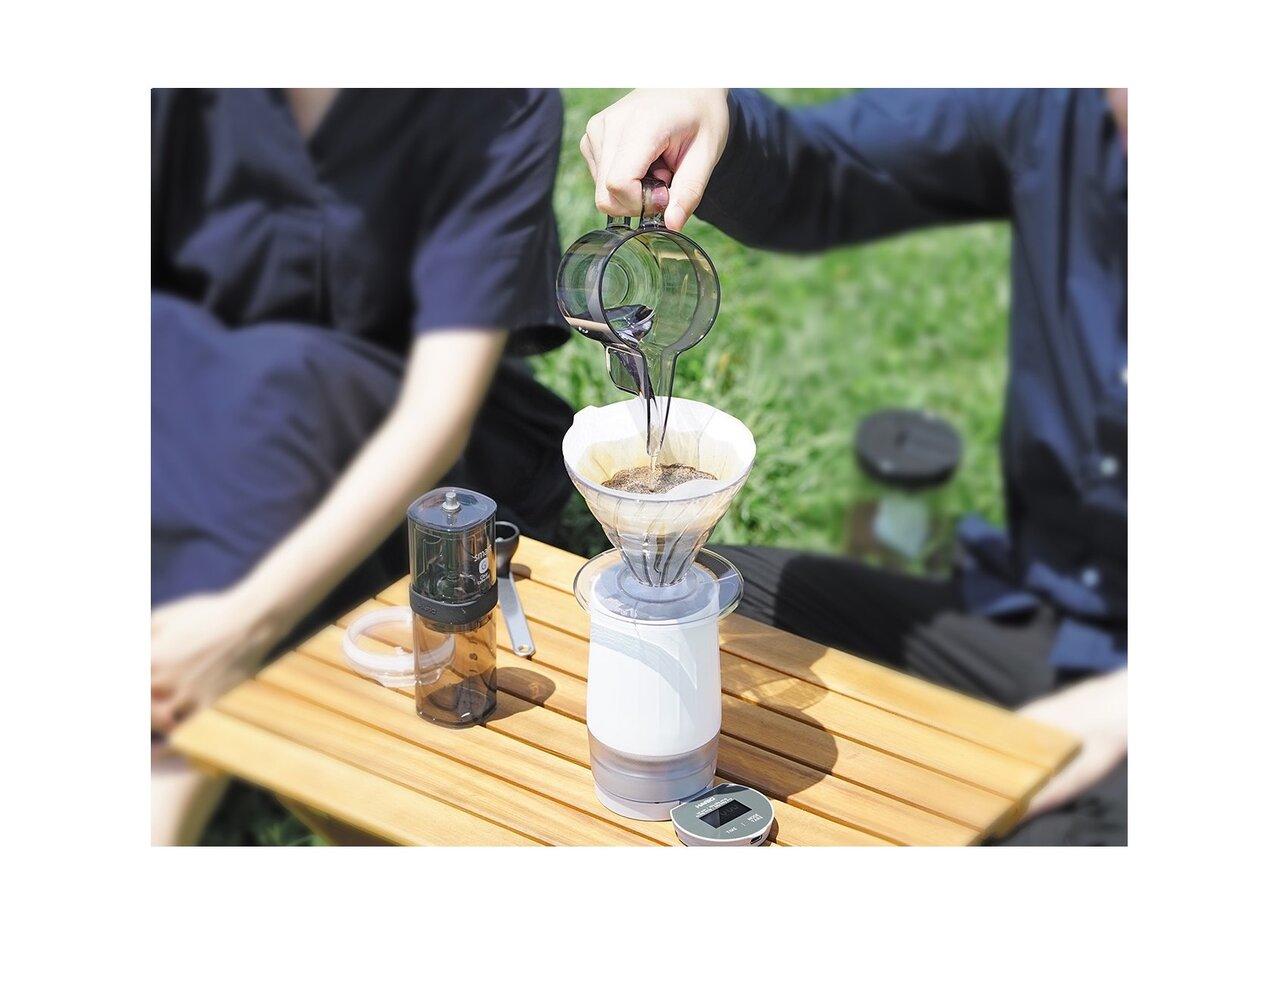 ハンドドリップを簡単に。コーヒースケールに真空マグがプラスされたコーヒースケールマグ